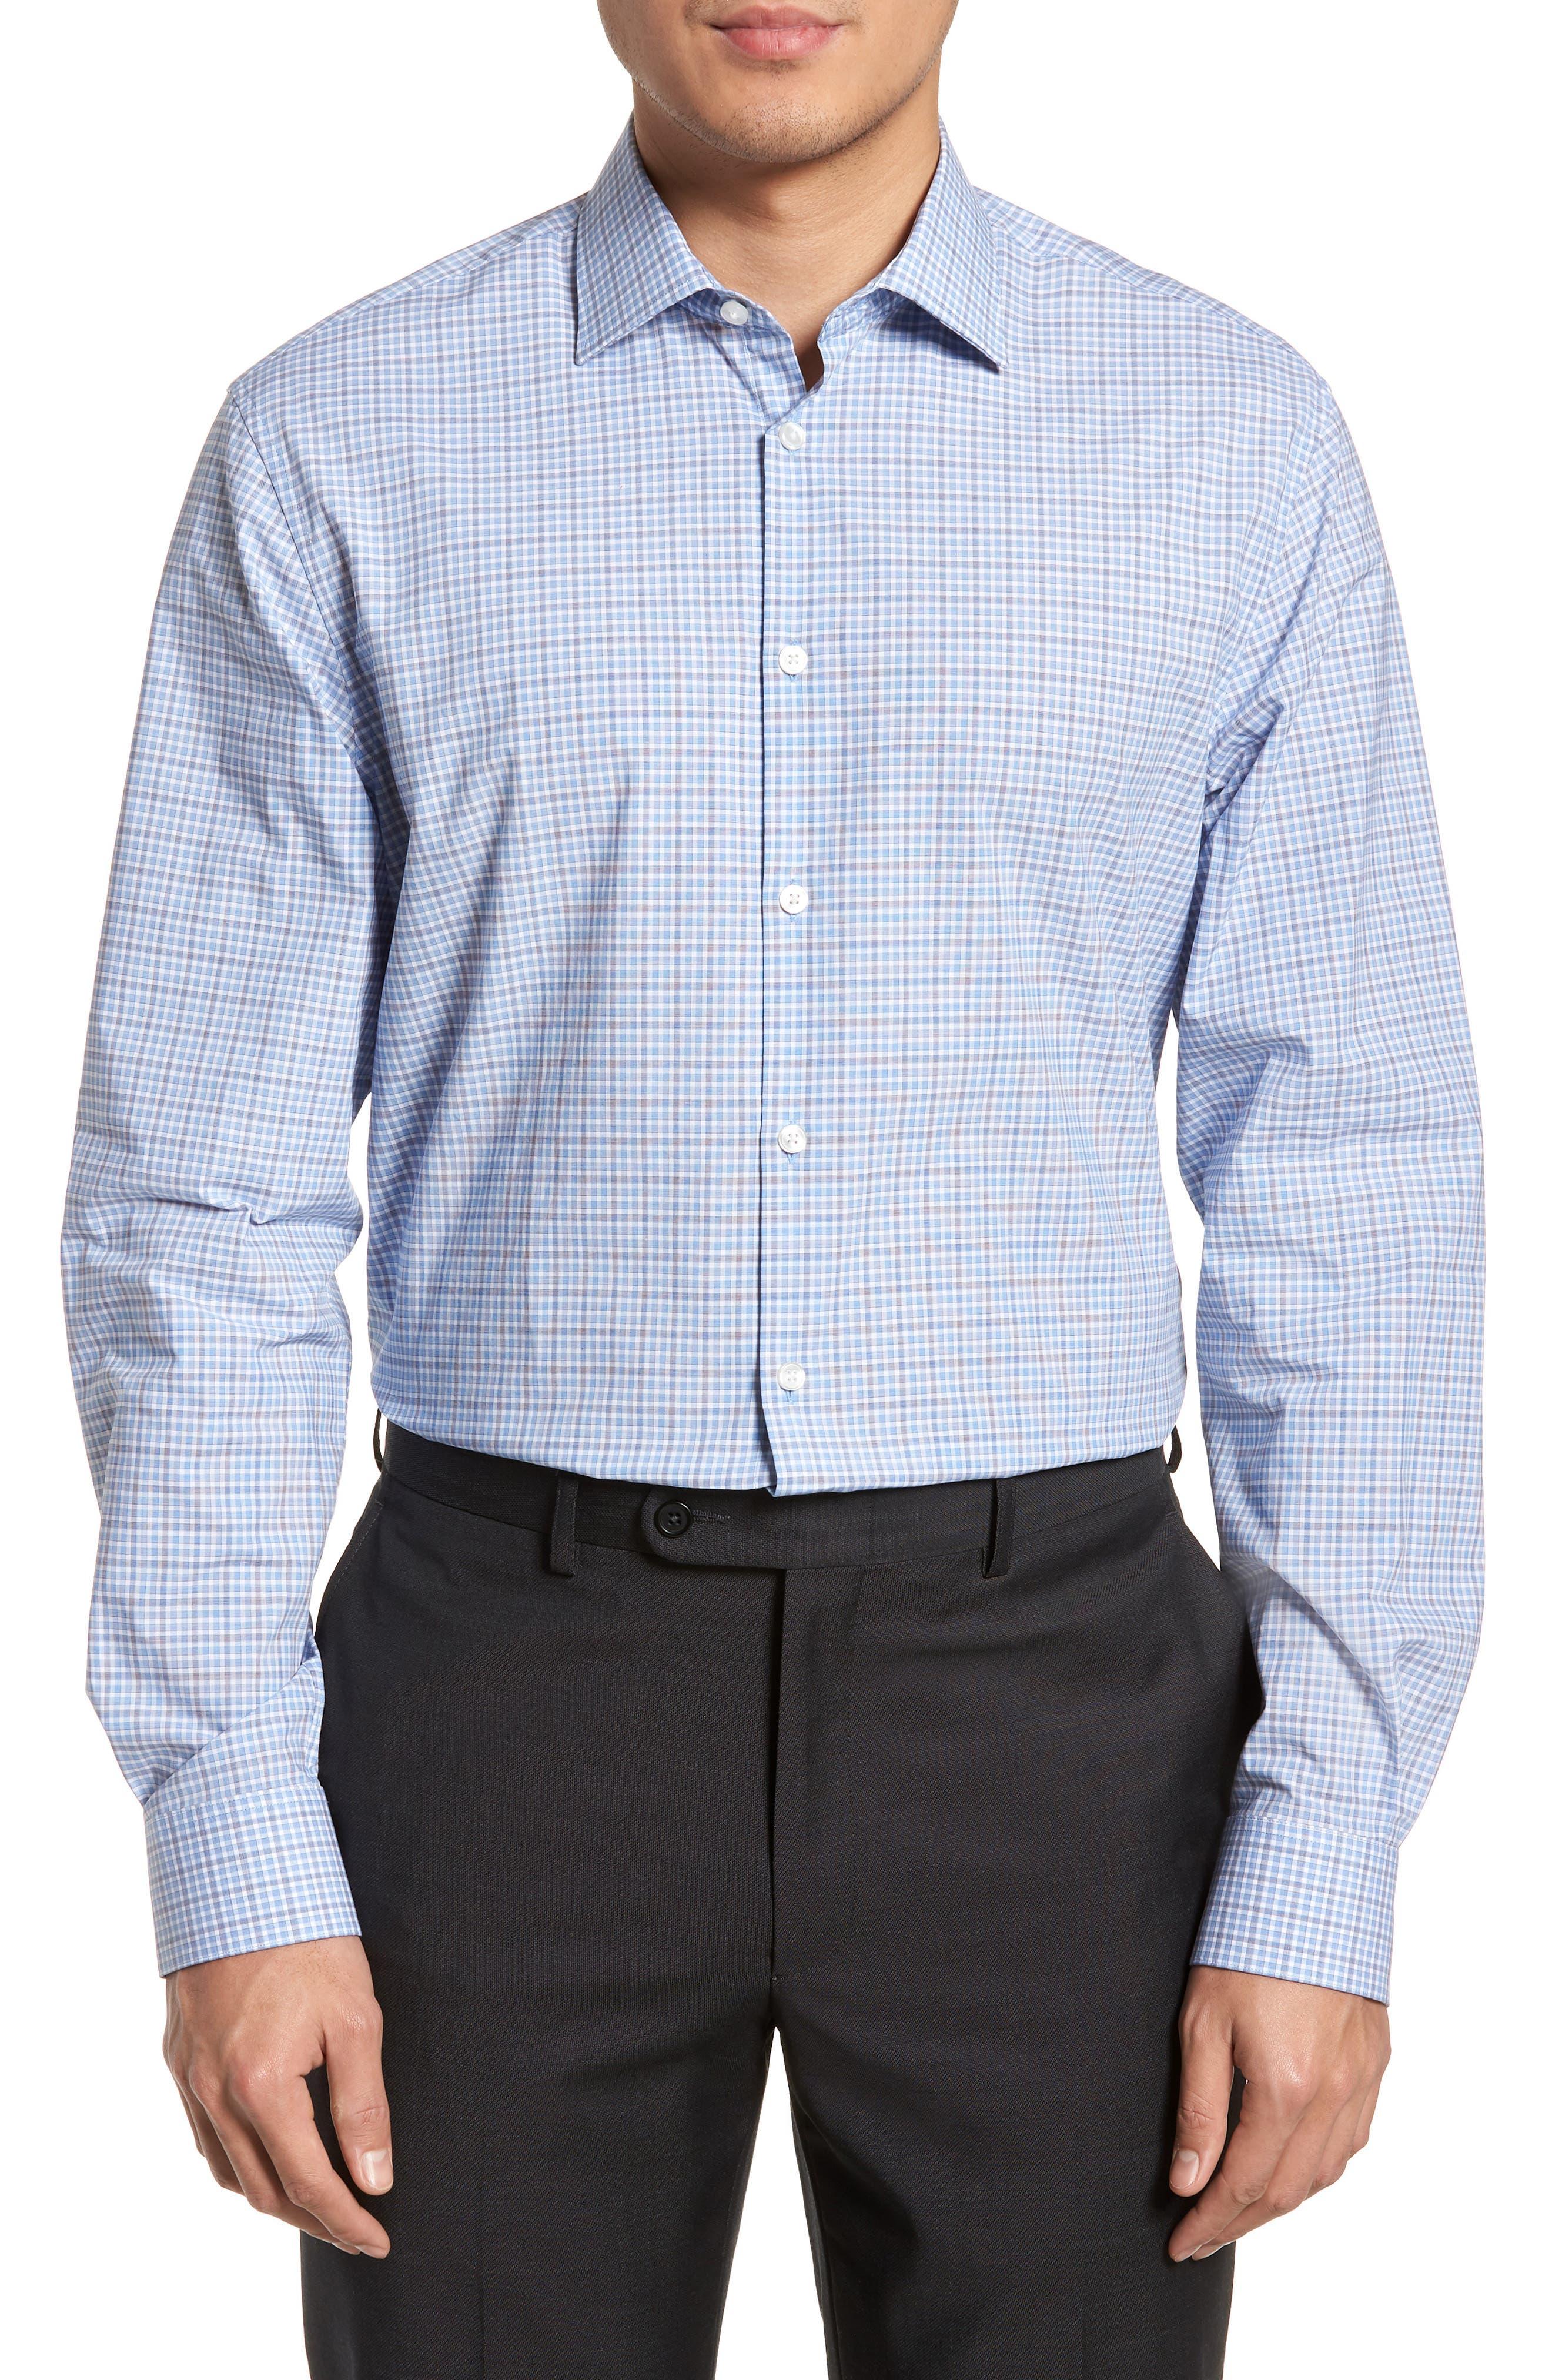 John Varvatos Star USA Regular Fit Stretch Check Dress Shirt